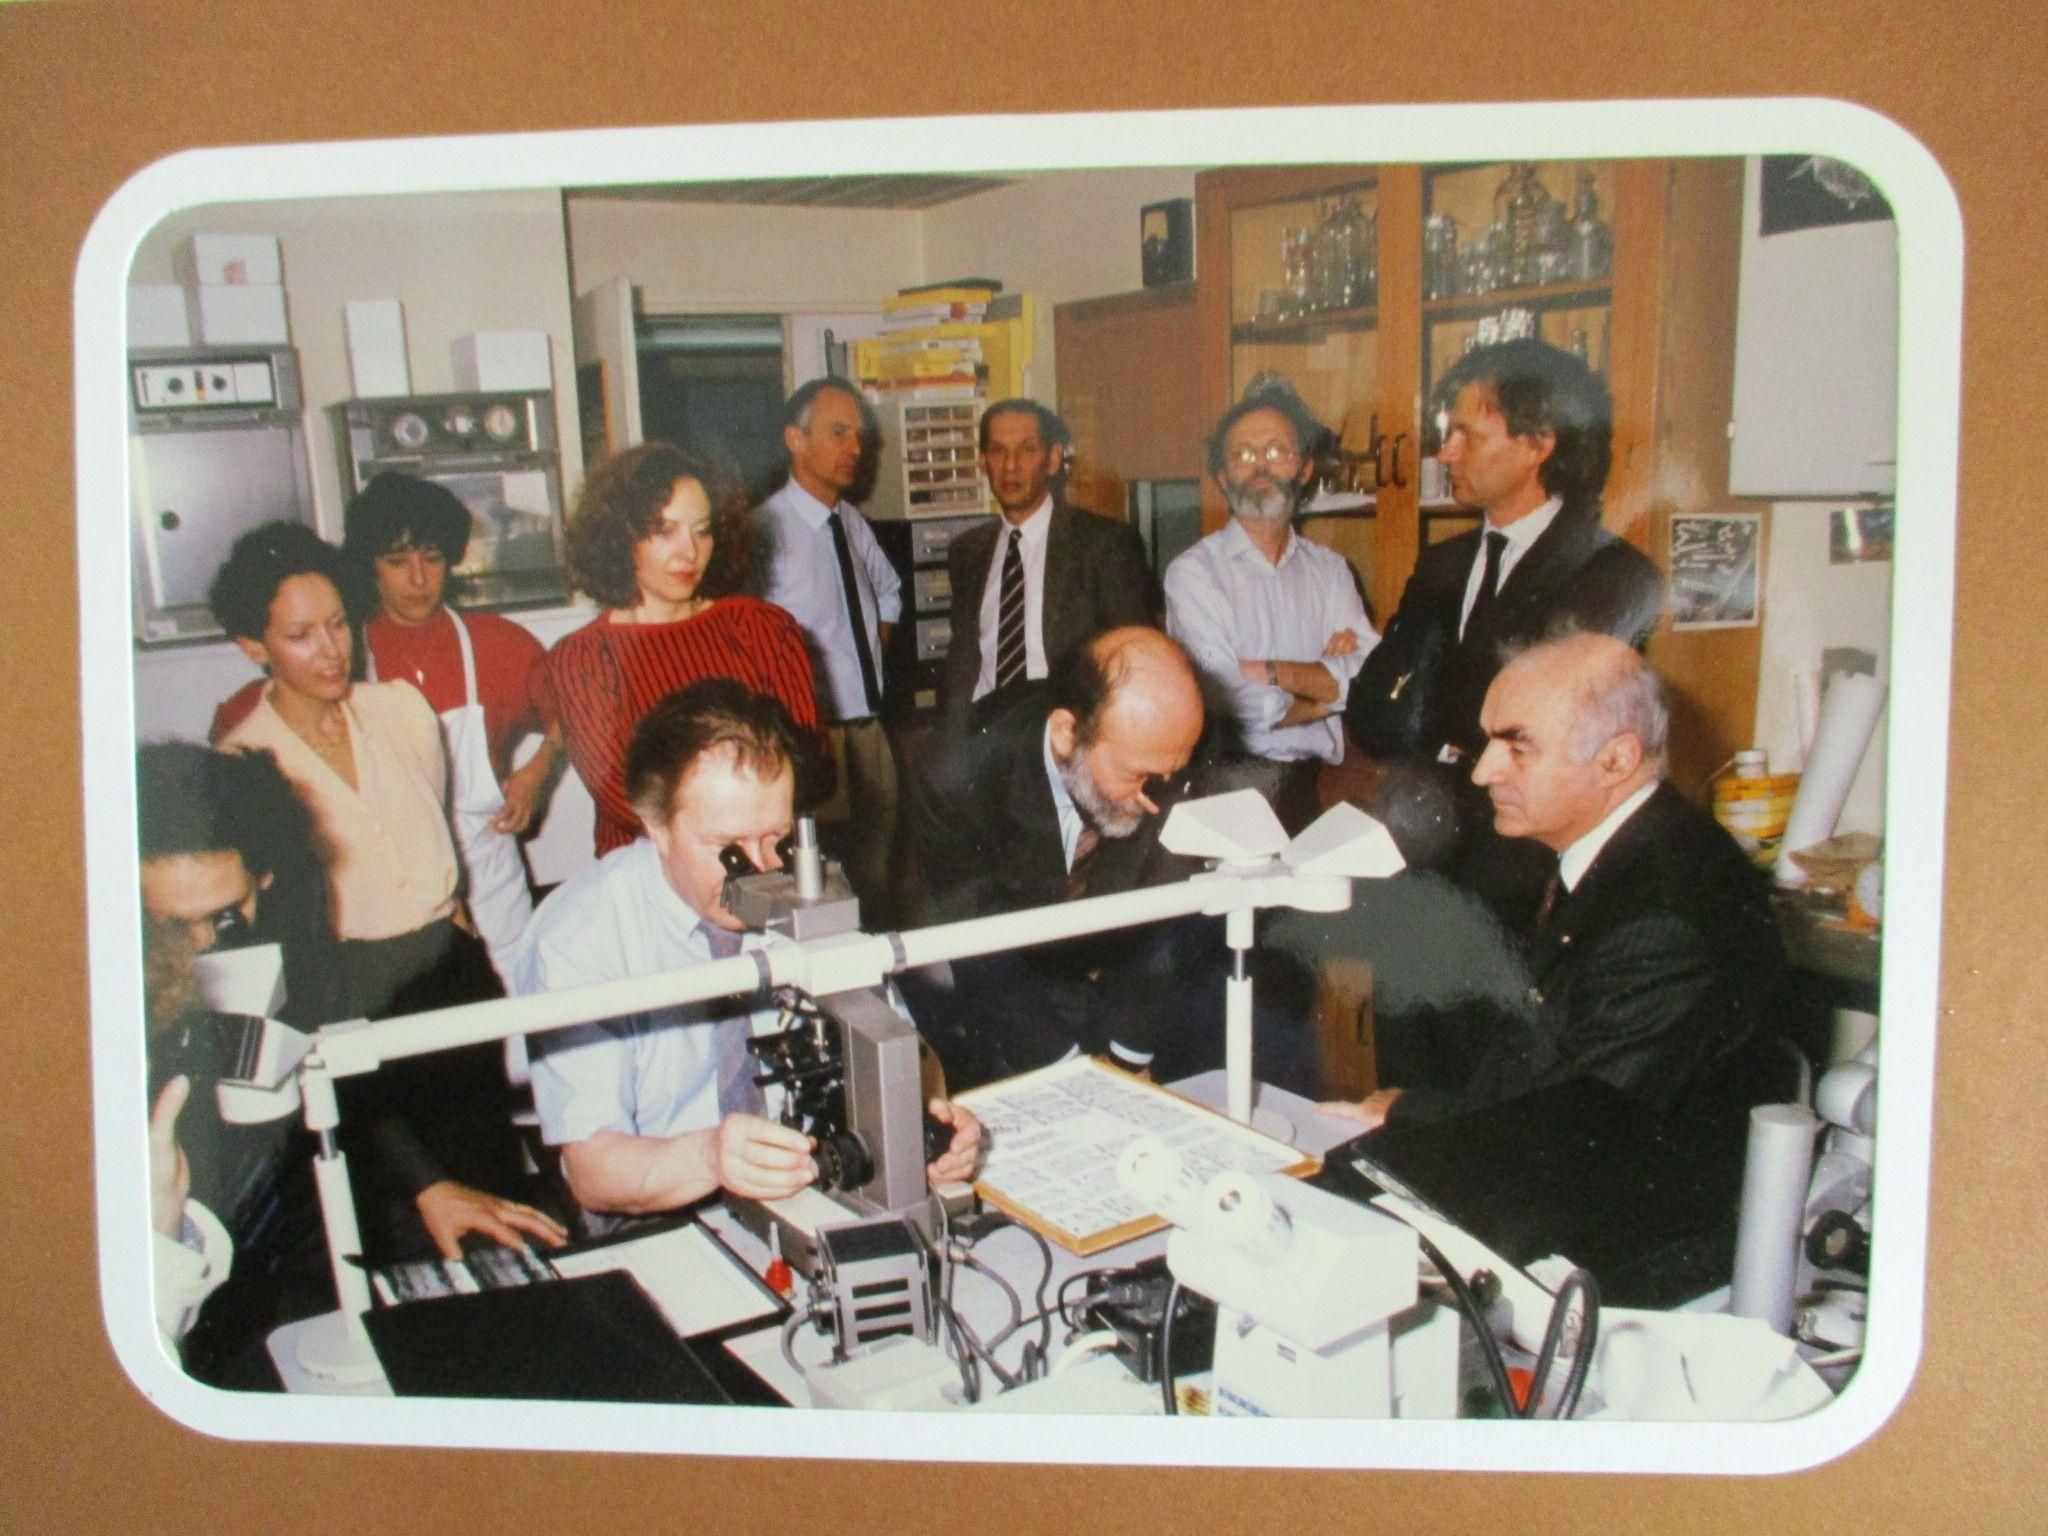 Déplacement du ministre à Fécamp en présence de Frédérique Bredin, maire de Fécamp, 10 novembre 1988